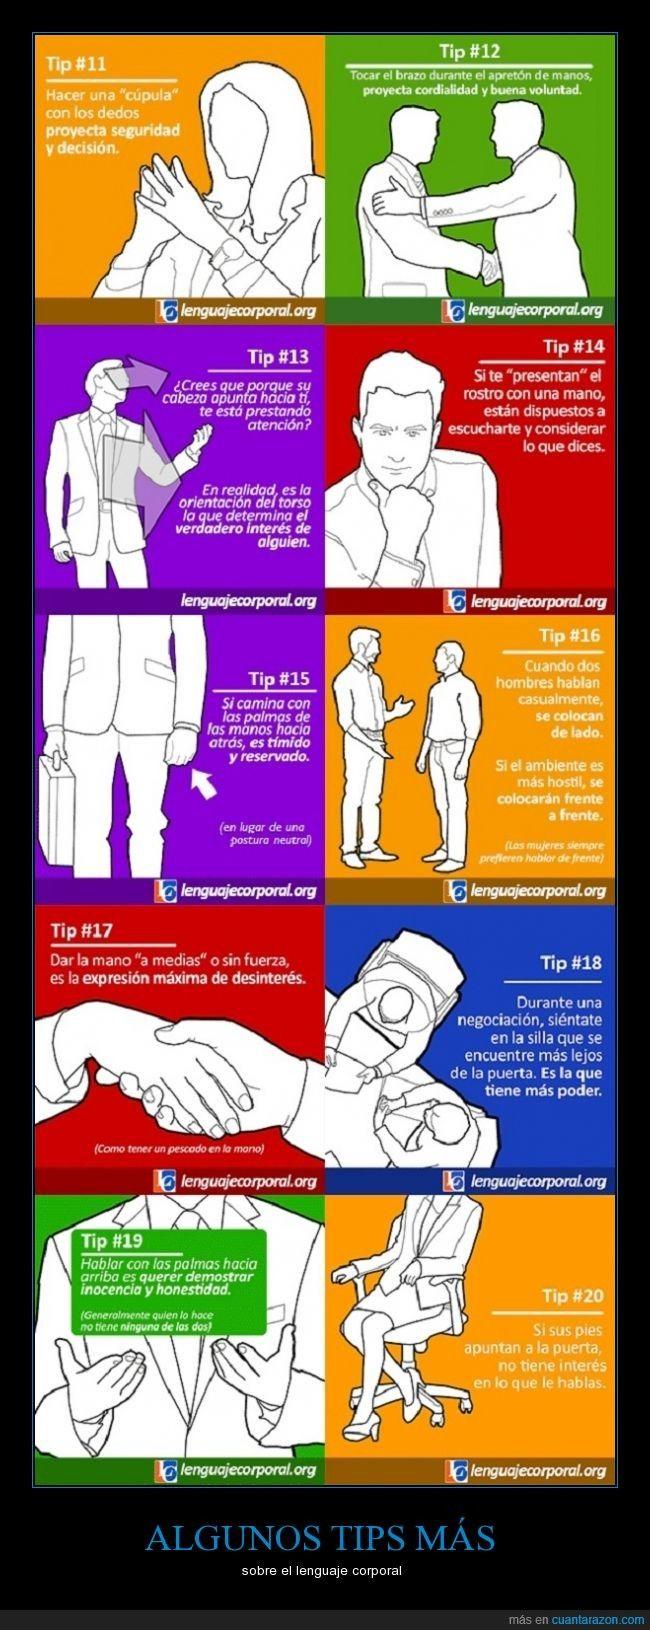 ALGUNOS TIPS sobre el lenguaje corporal, sabiendo que analizarlos en un contexto determinado es lo que realmente nos brindará más información.